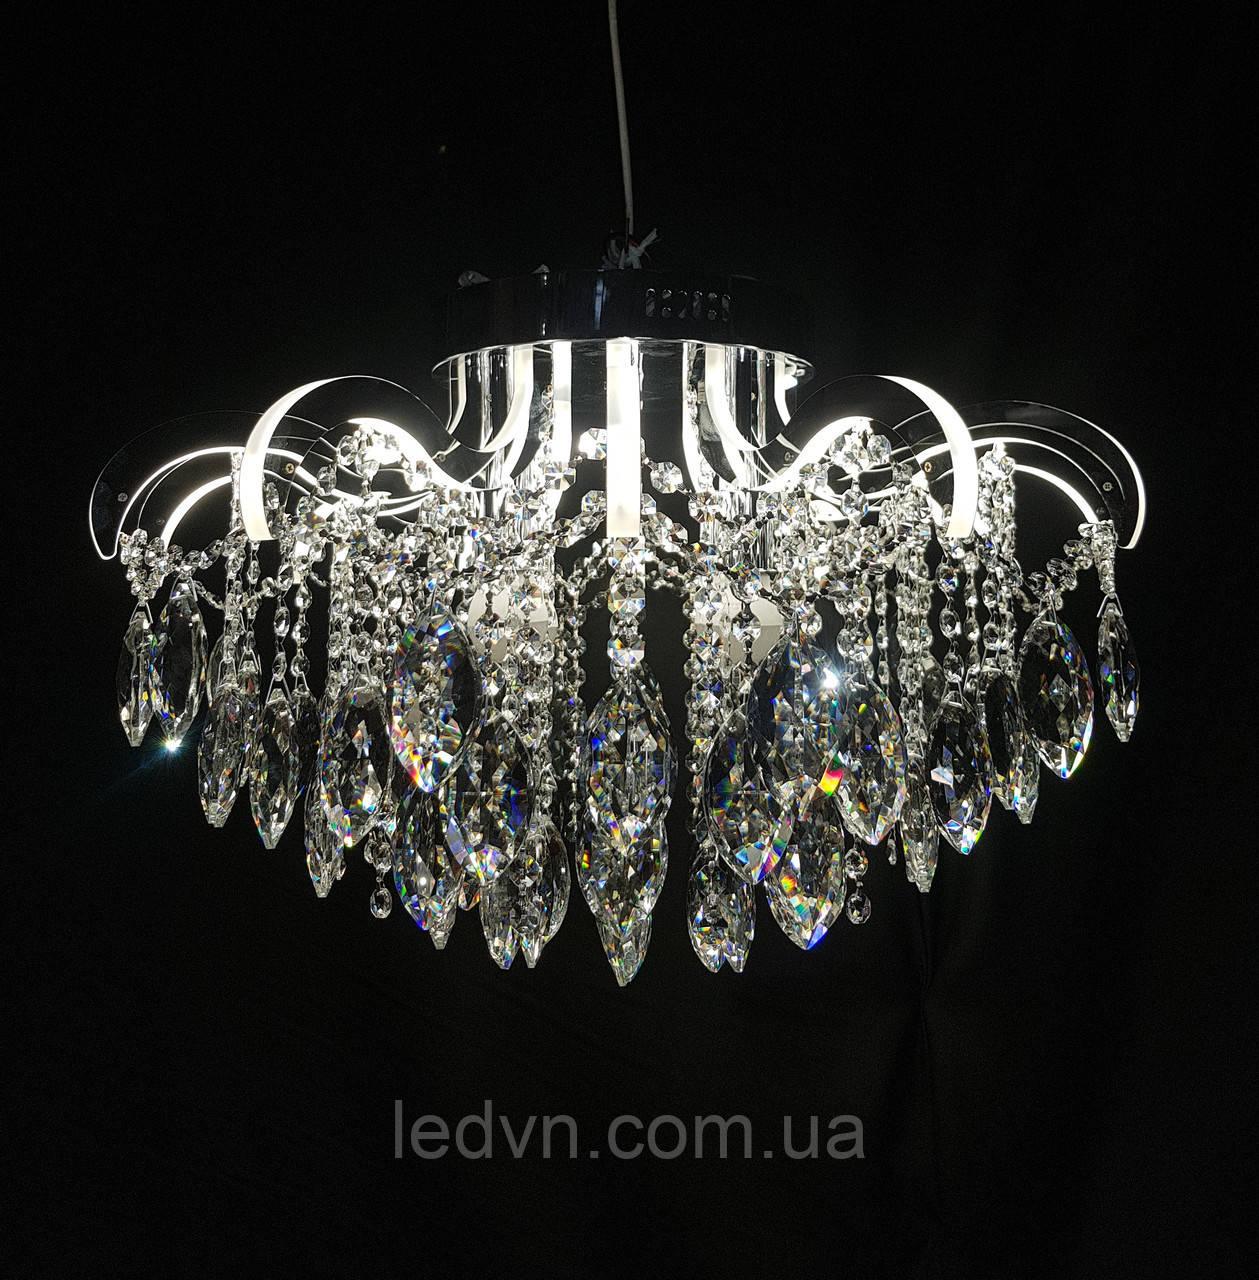 Хрустальная люстра со светящимися рожками LED 3+8 50см диаметр